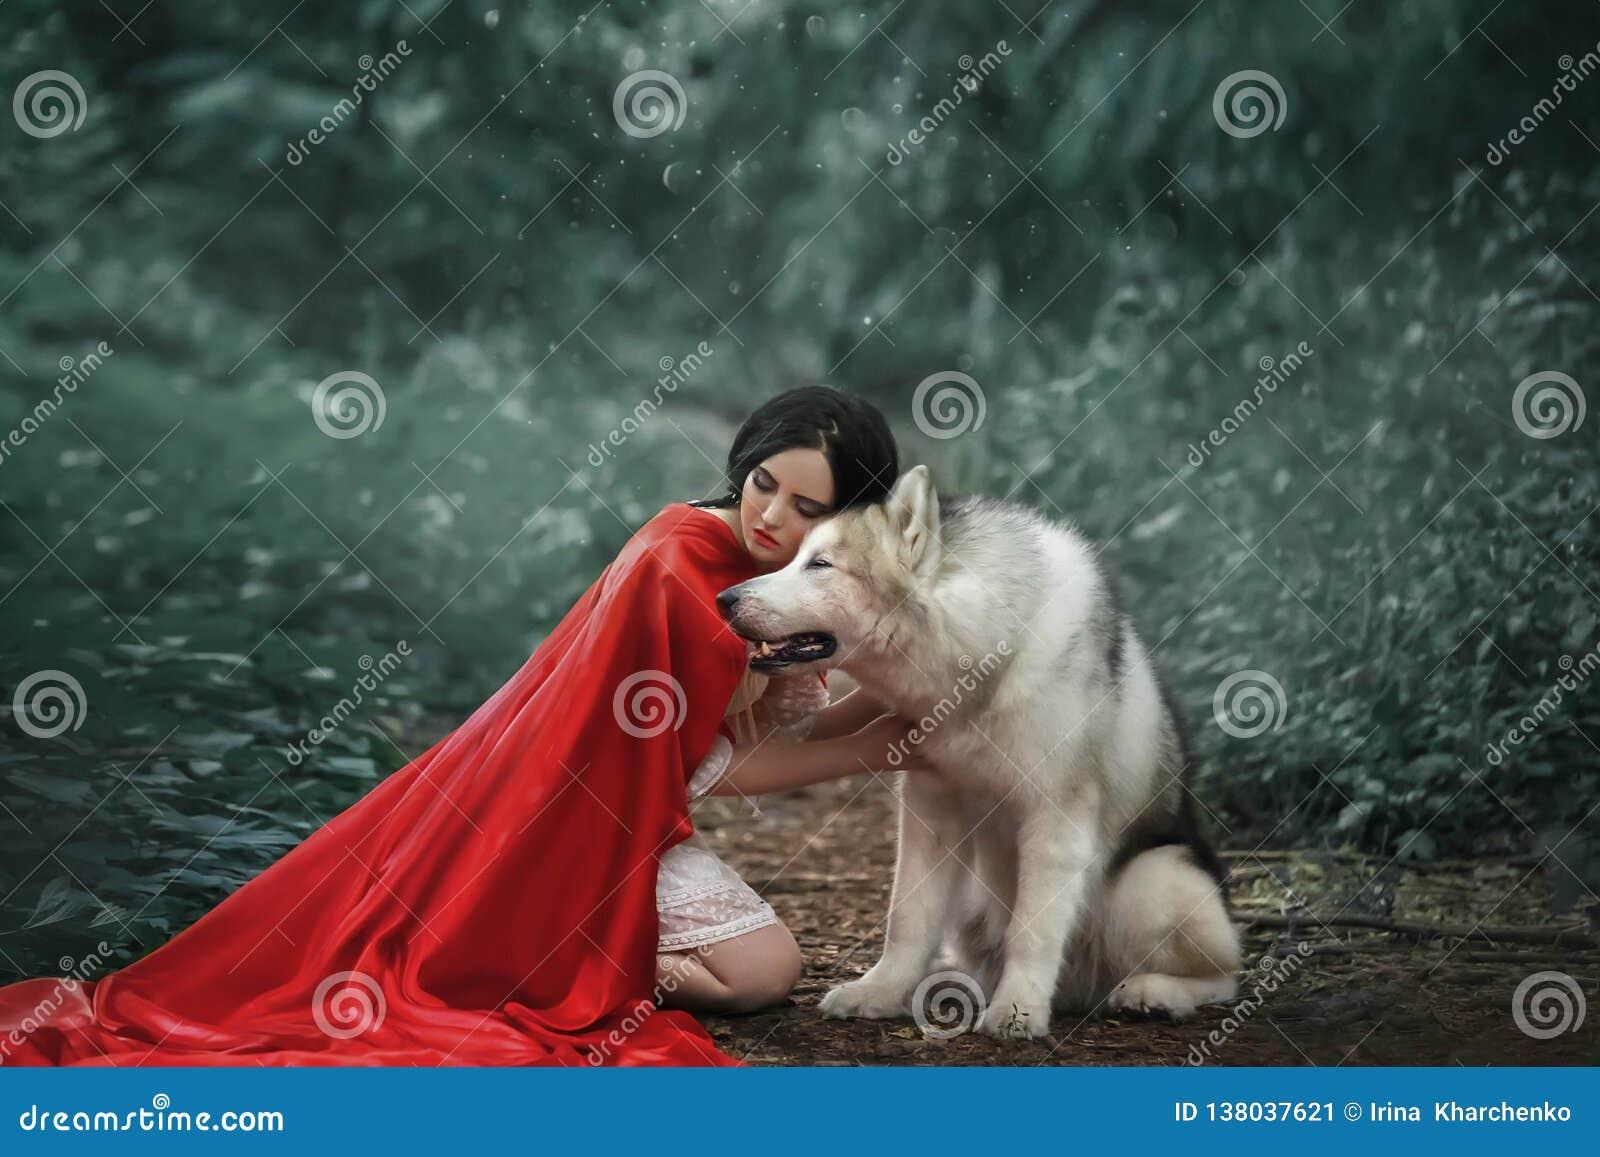 Фантастическое изображение, платье дамы темн-с волосами брюнета привлекательное вкратце белое, длинный красный плащ шарлаха лежа